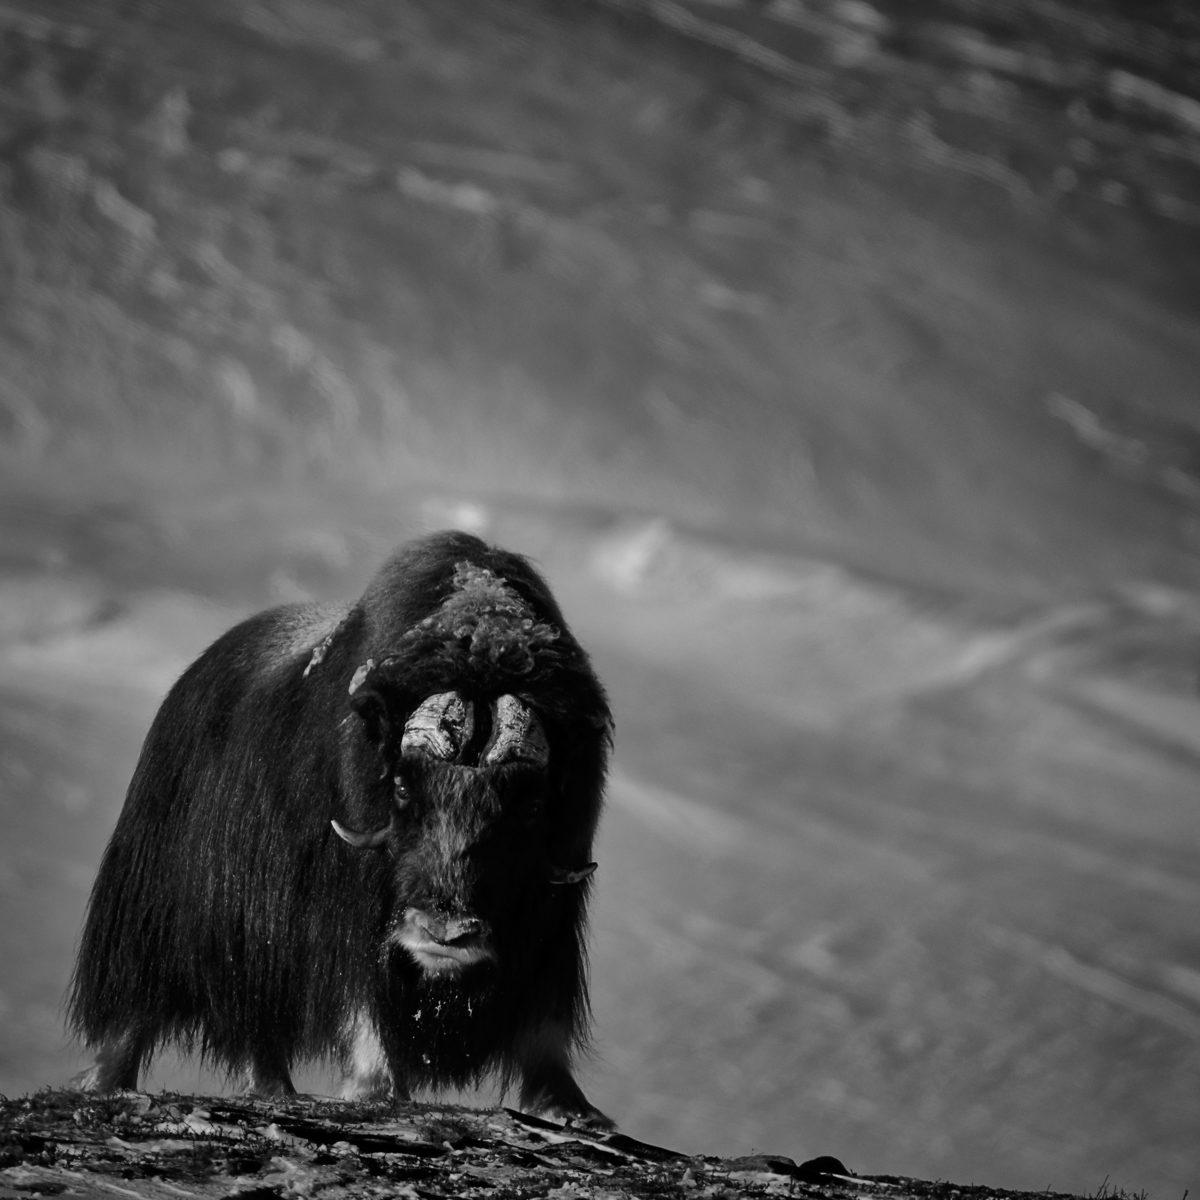 photo en noir et blanc d'un boeuf musqué à l'arrêt